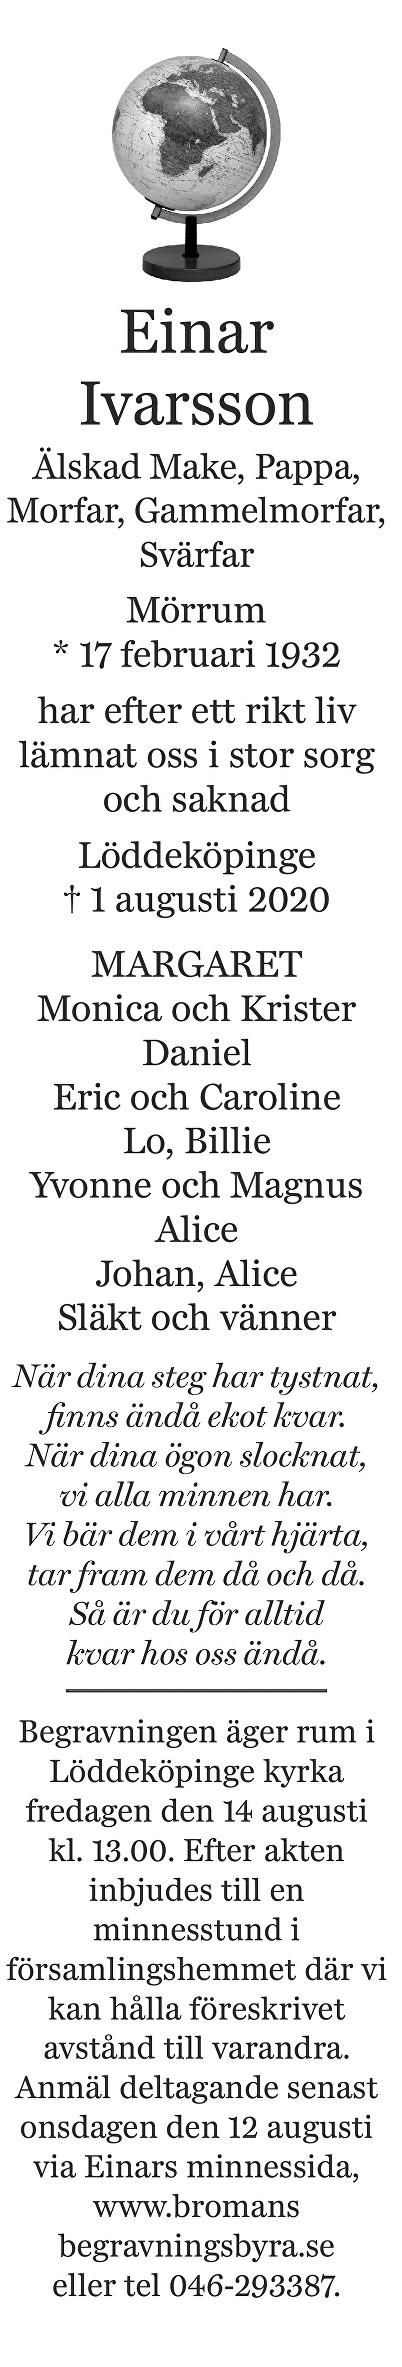 Einar Ivarsson Death notice